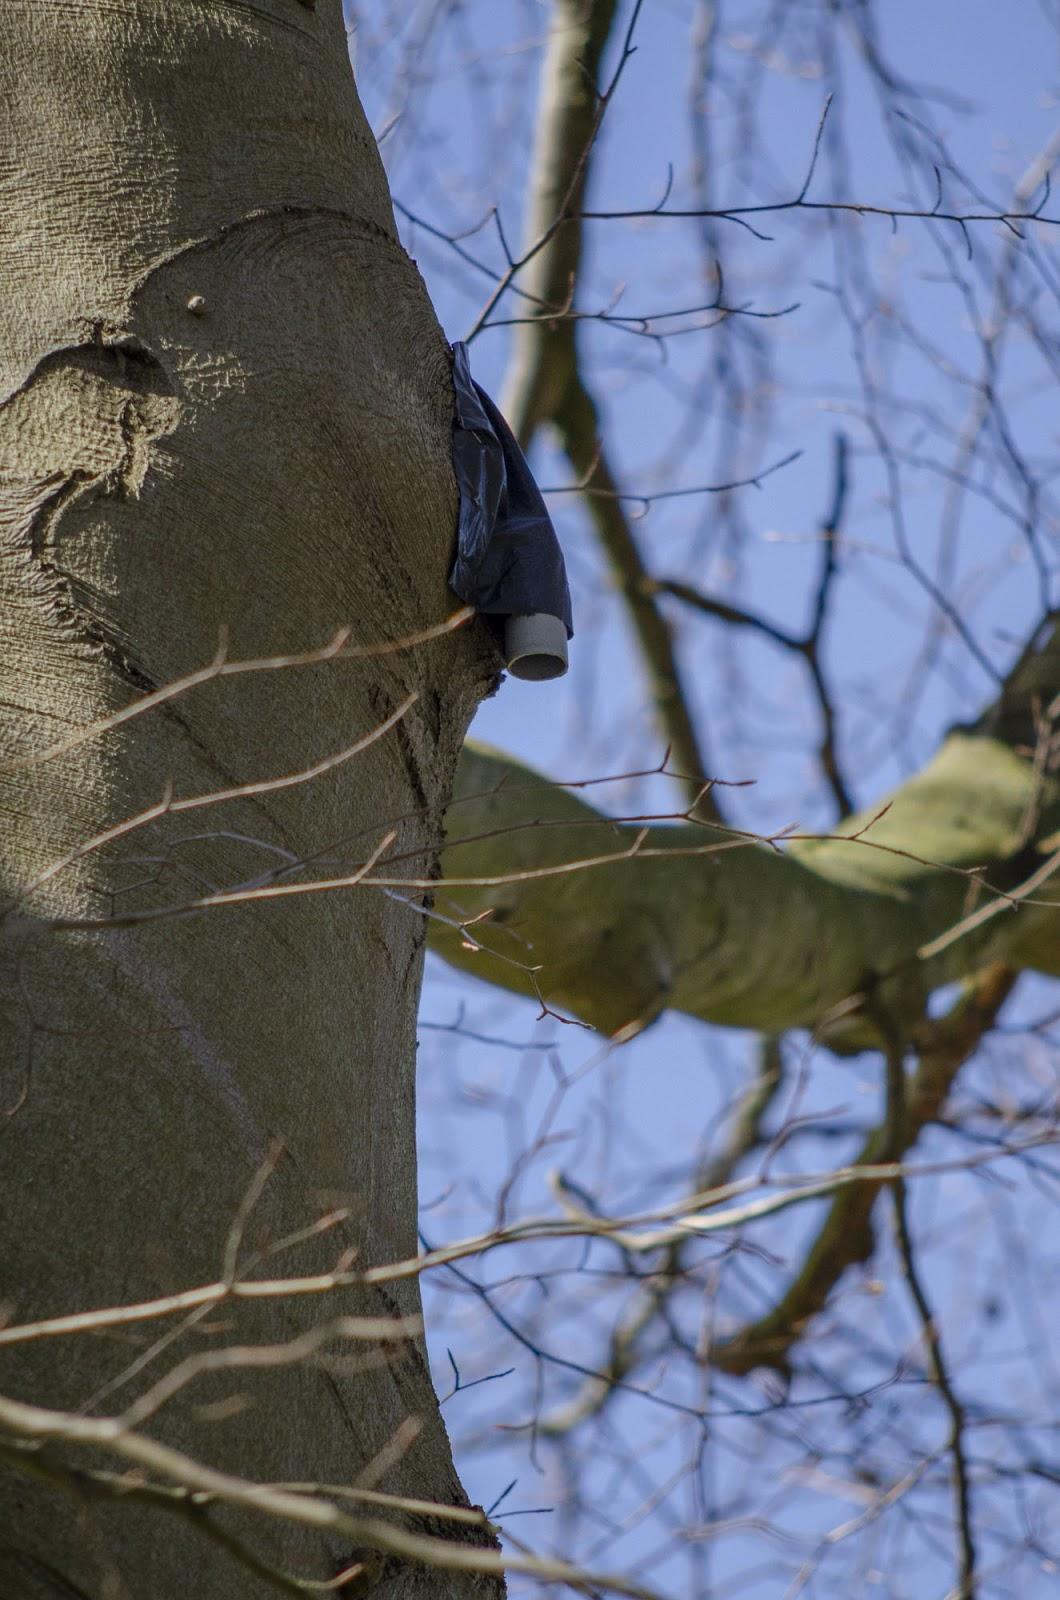 Vleermuisexclusie aangebracht aan een voor vleermuizen geschikte boomholte in de Dreef in de Holleweg, Boechout